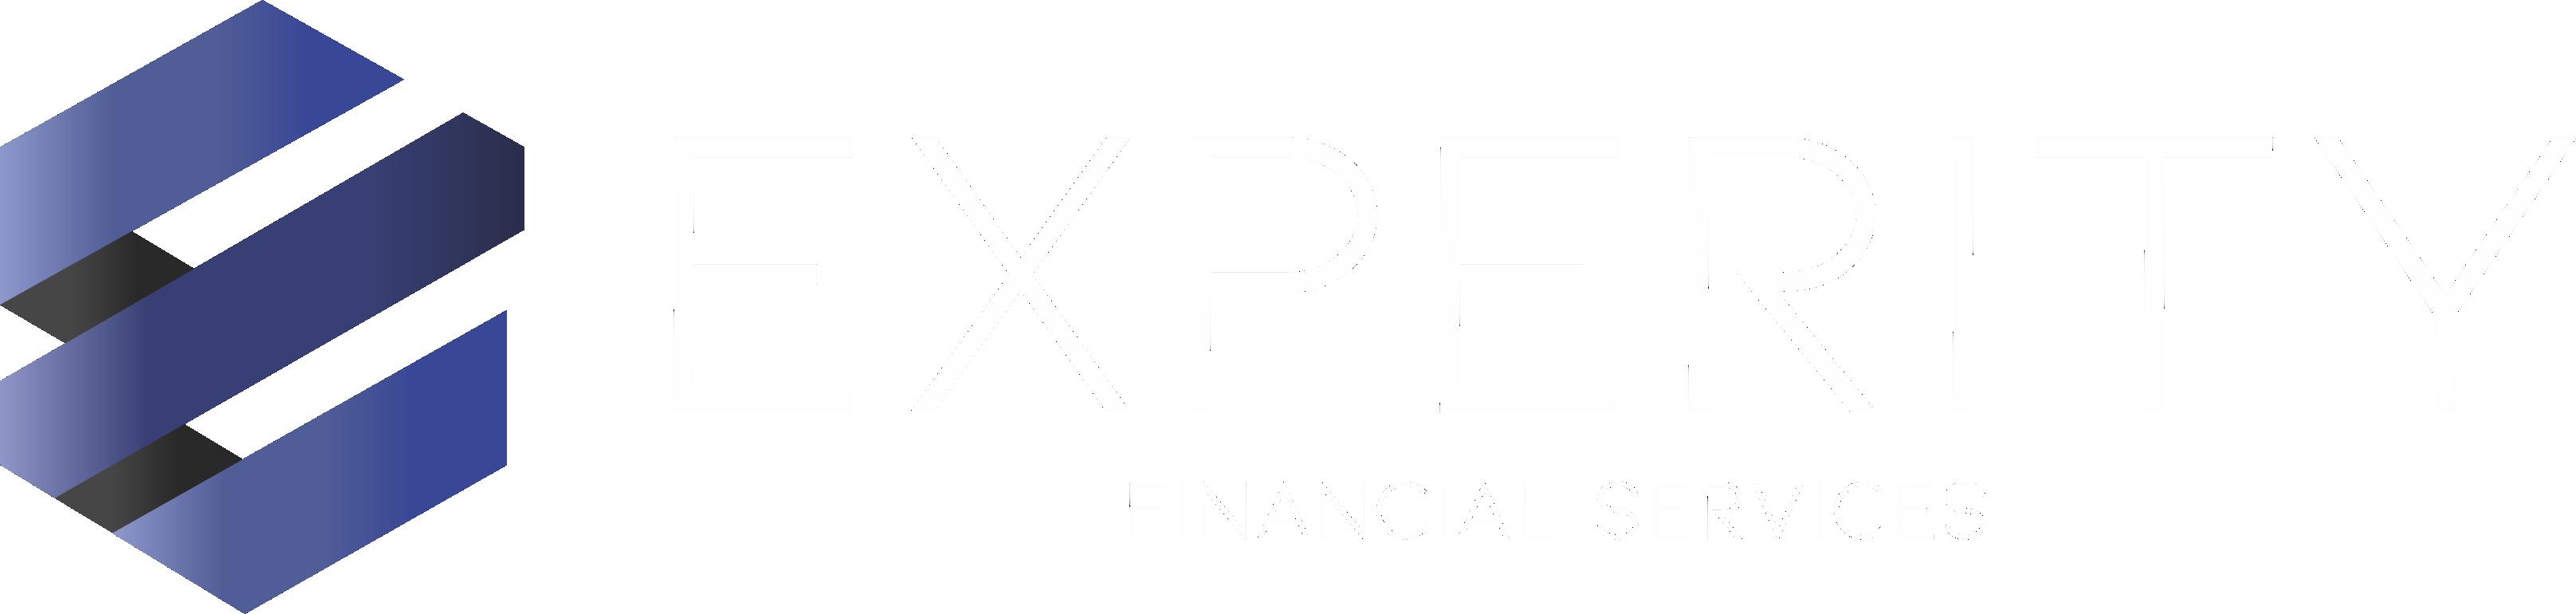 experity-logo-cc